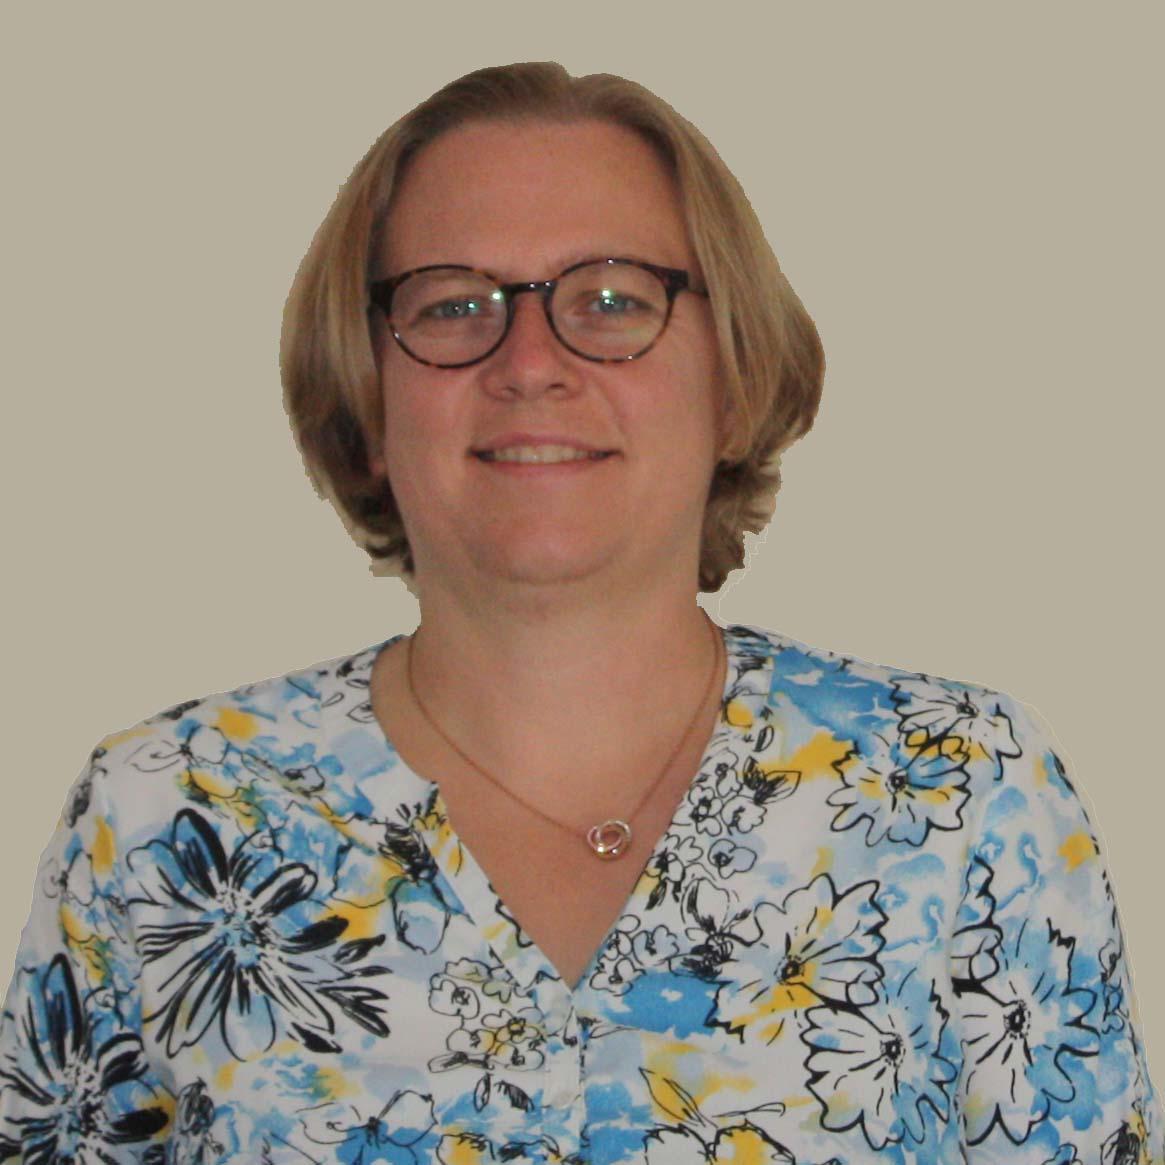 Karla Bronselaer